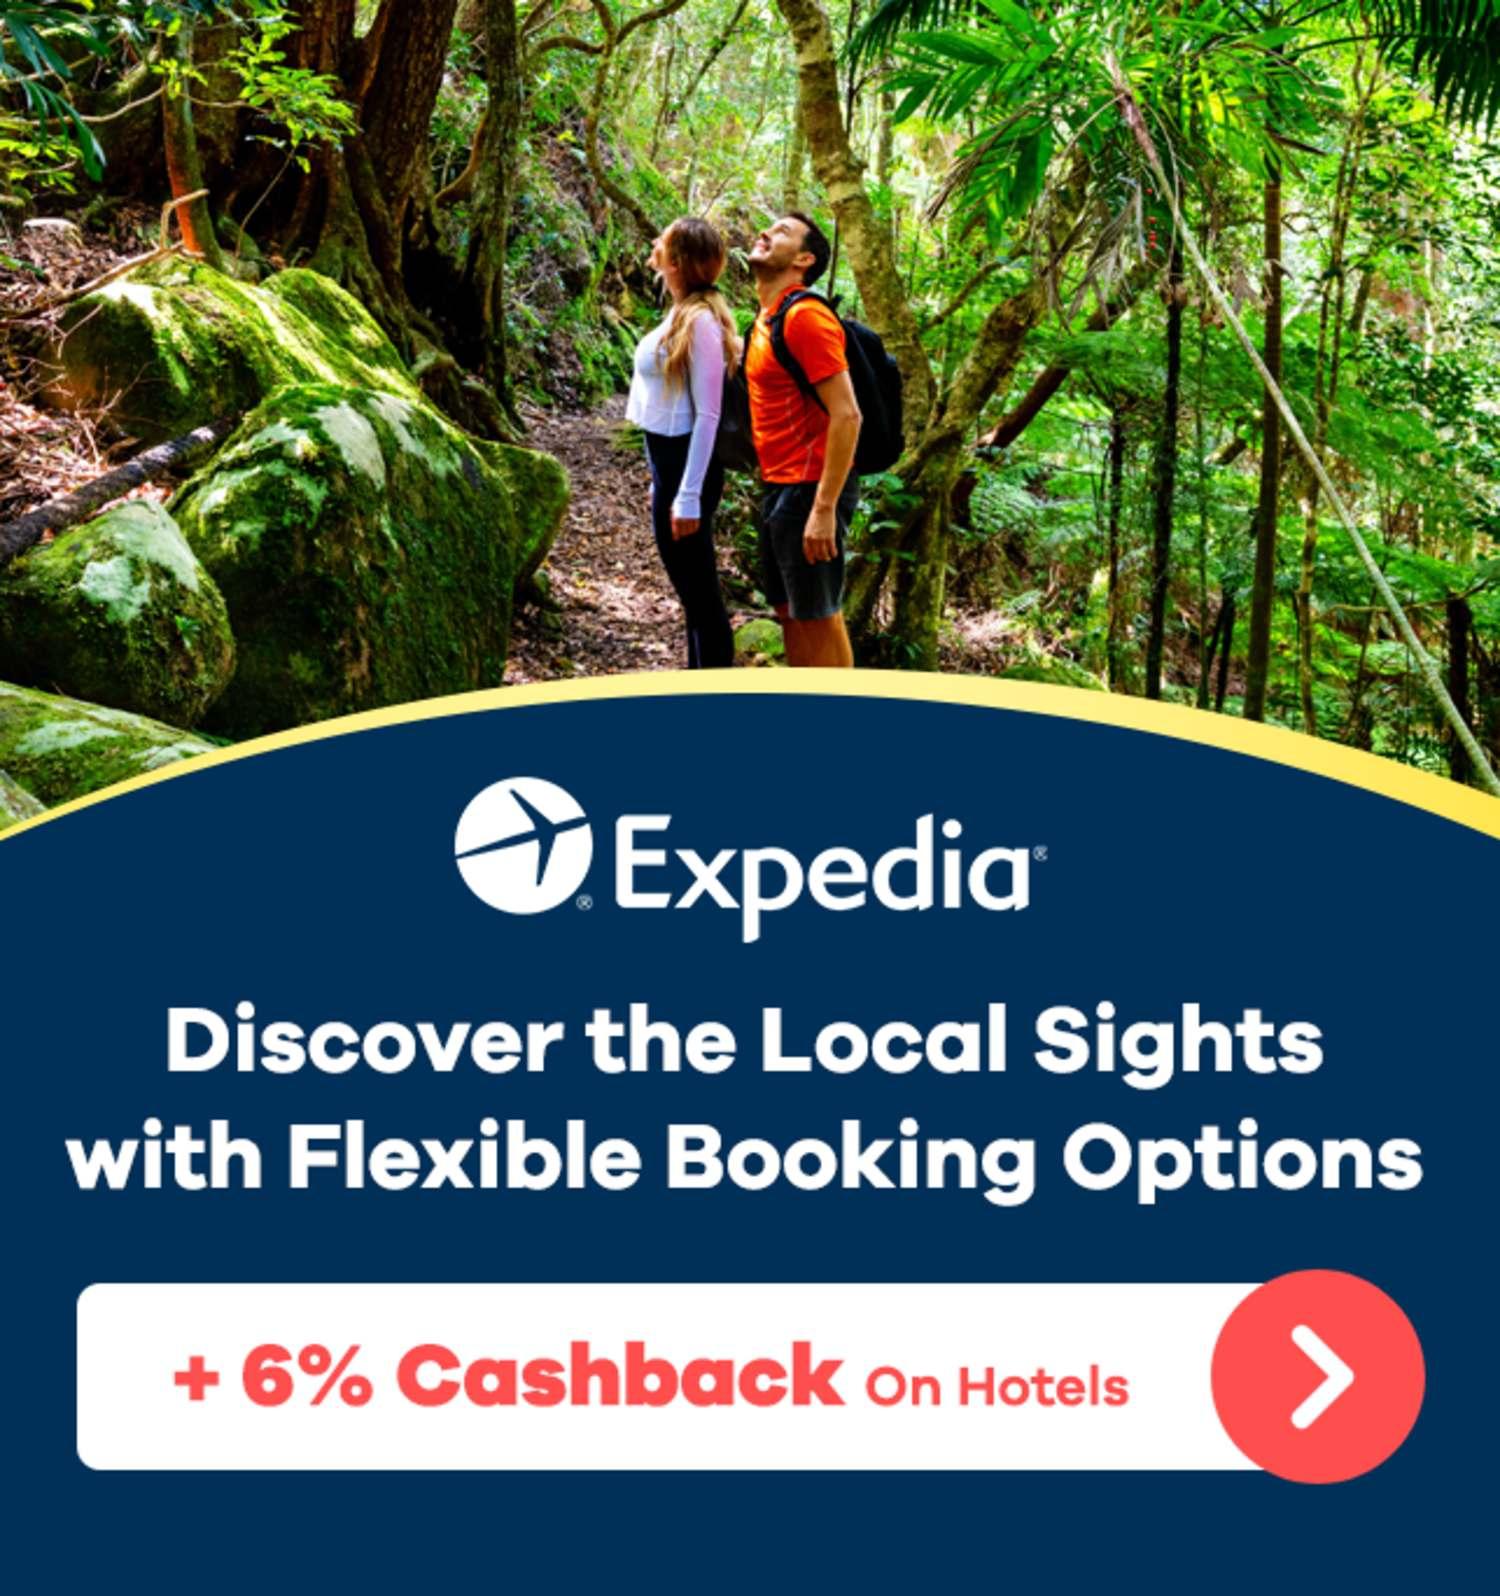 Expedia - 6% Cashback on Hotels - GENERIC